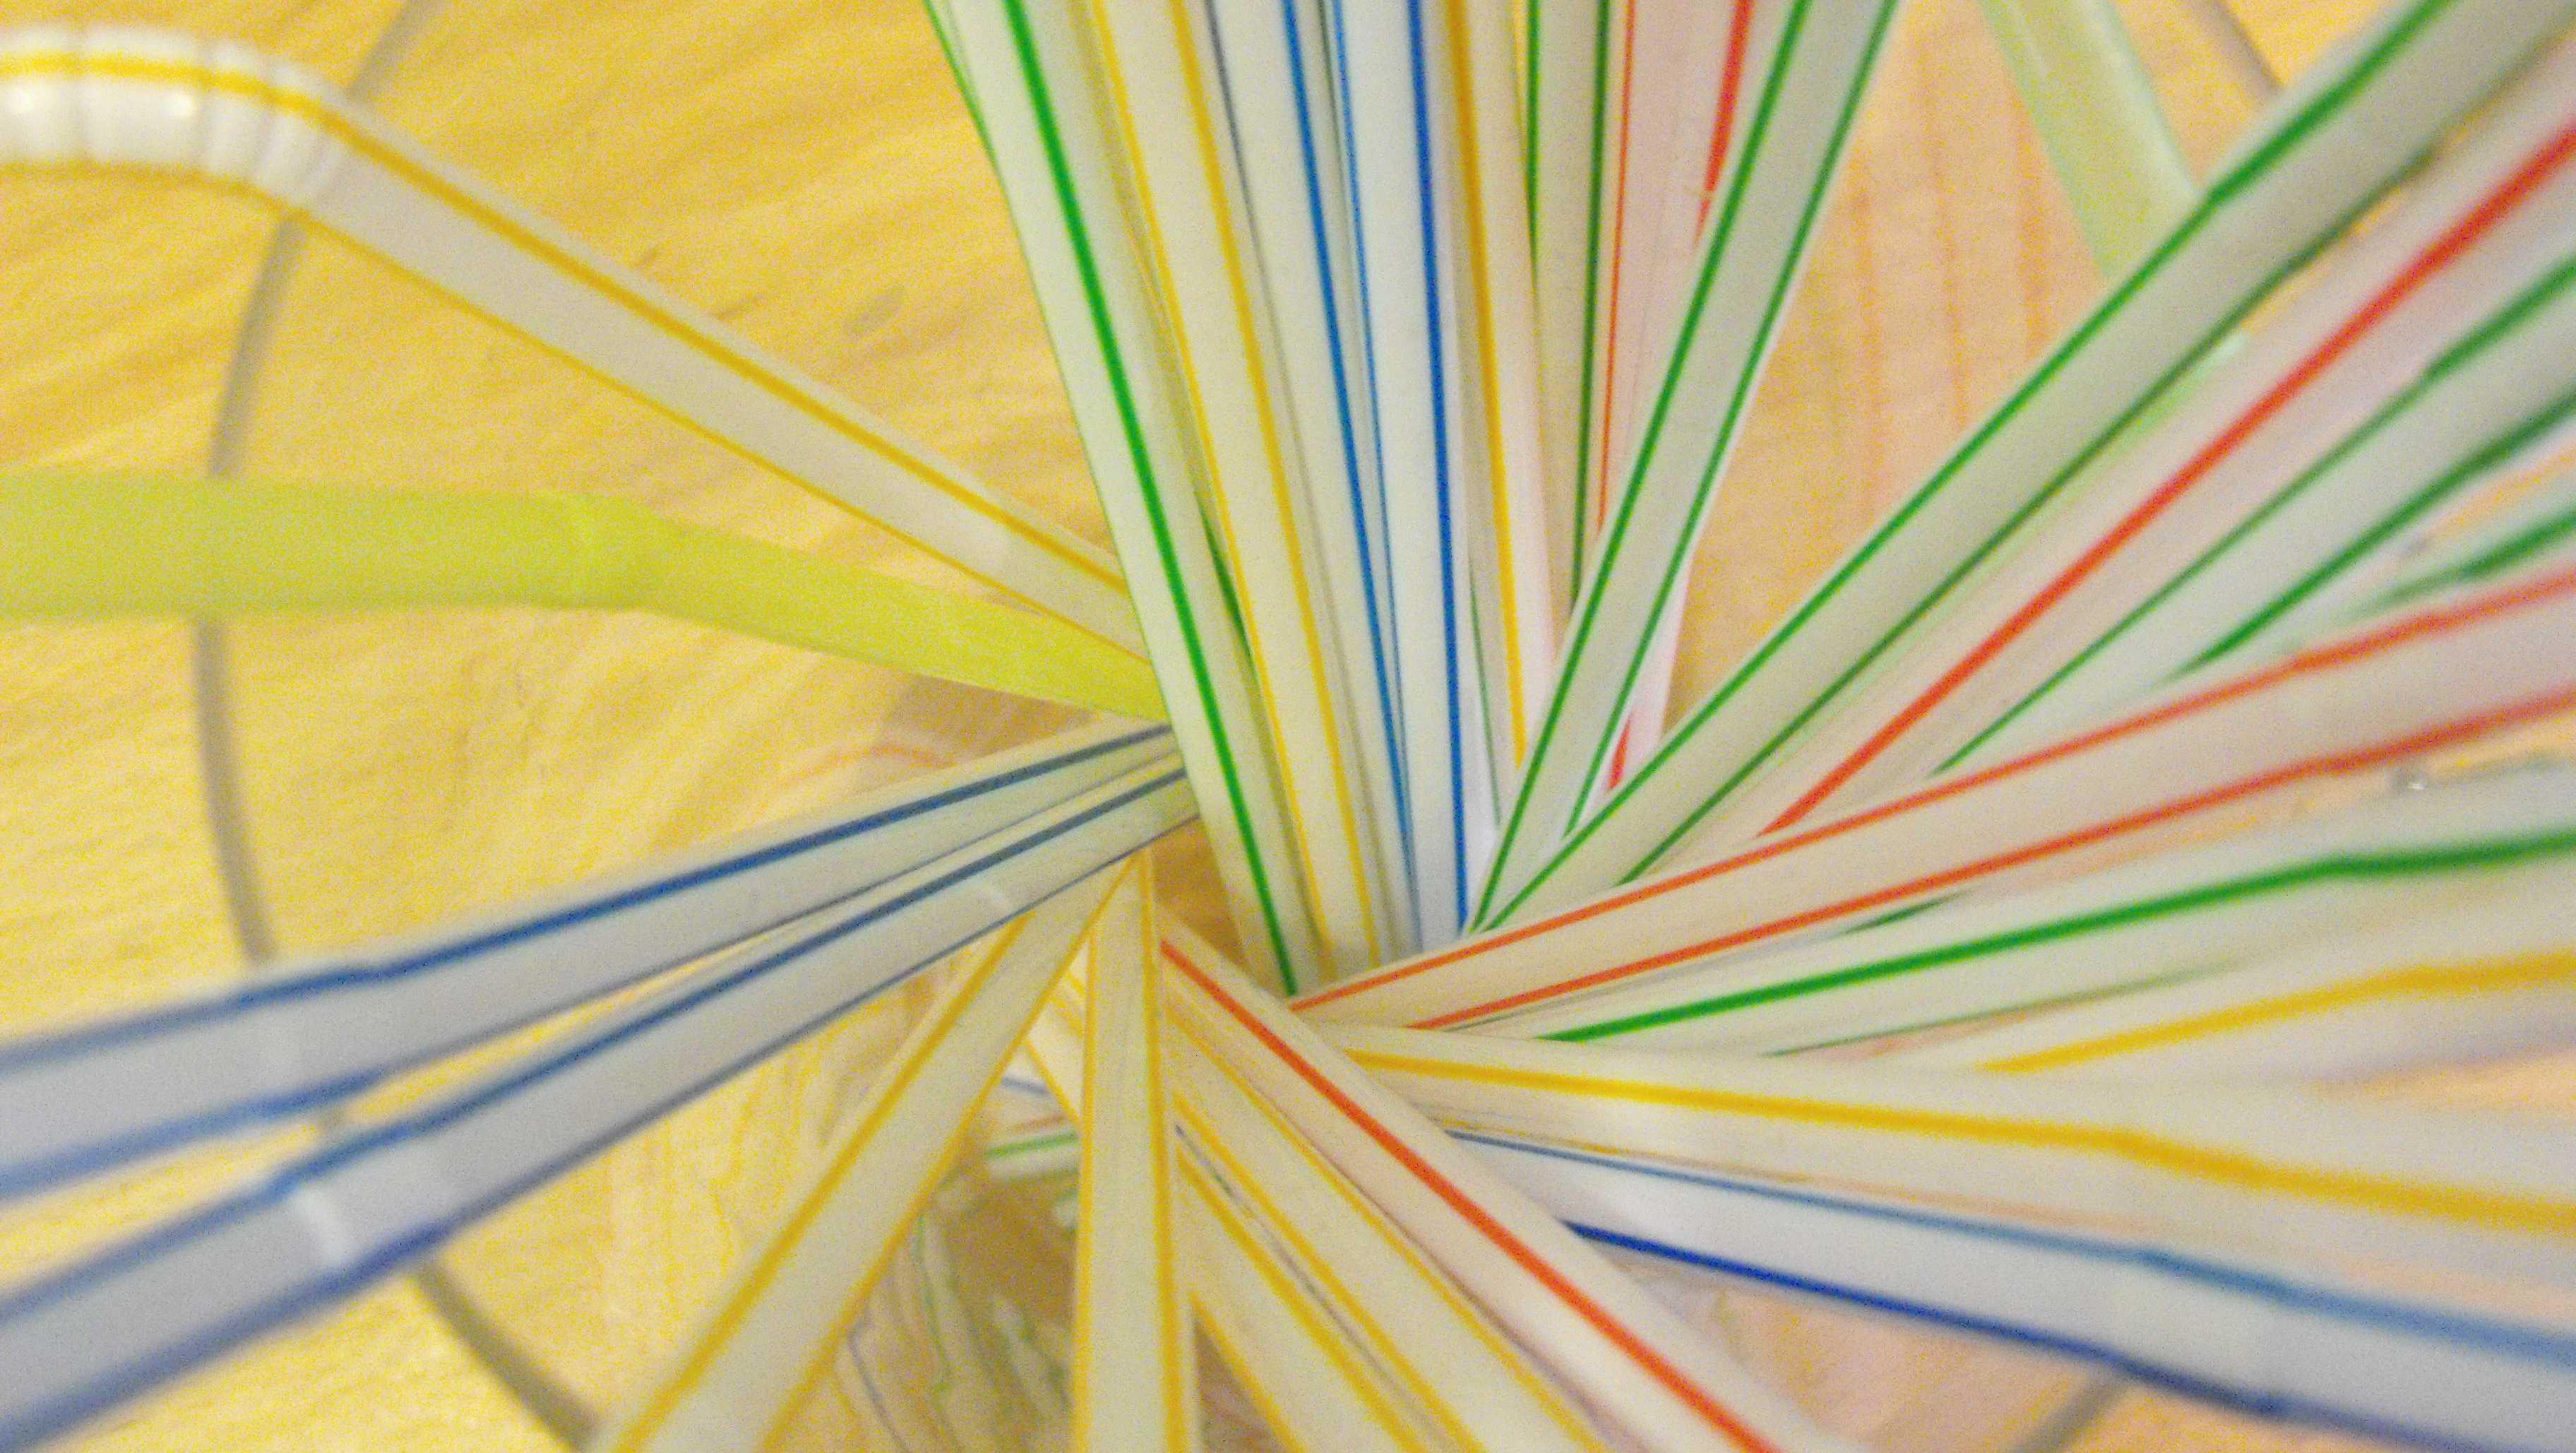 Flickr: Straws